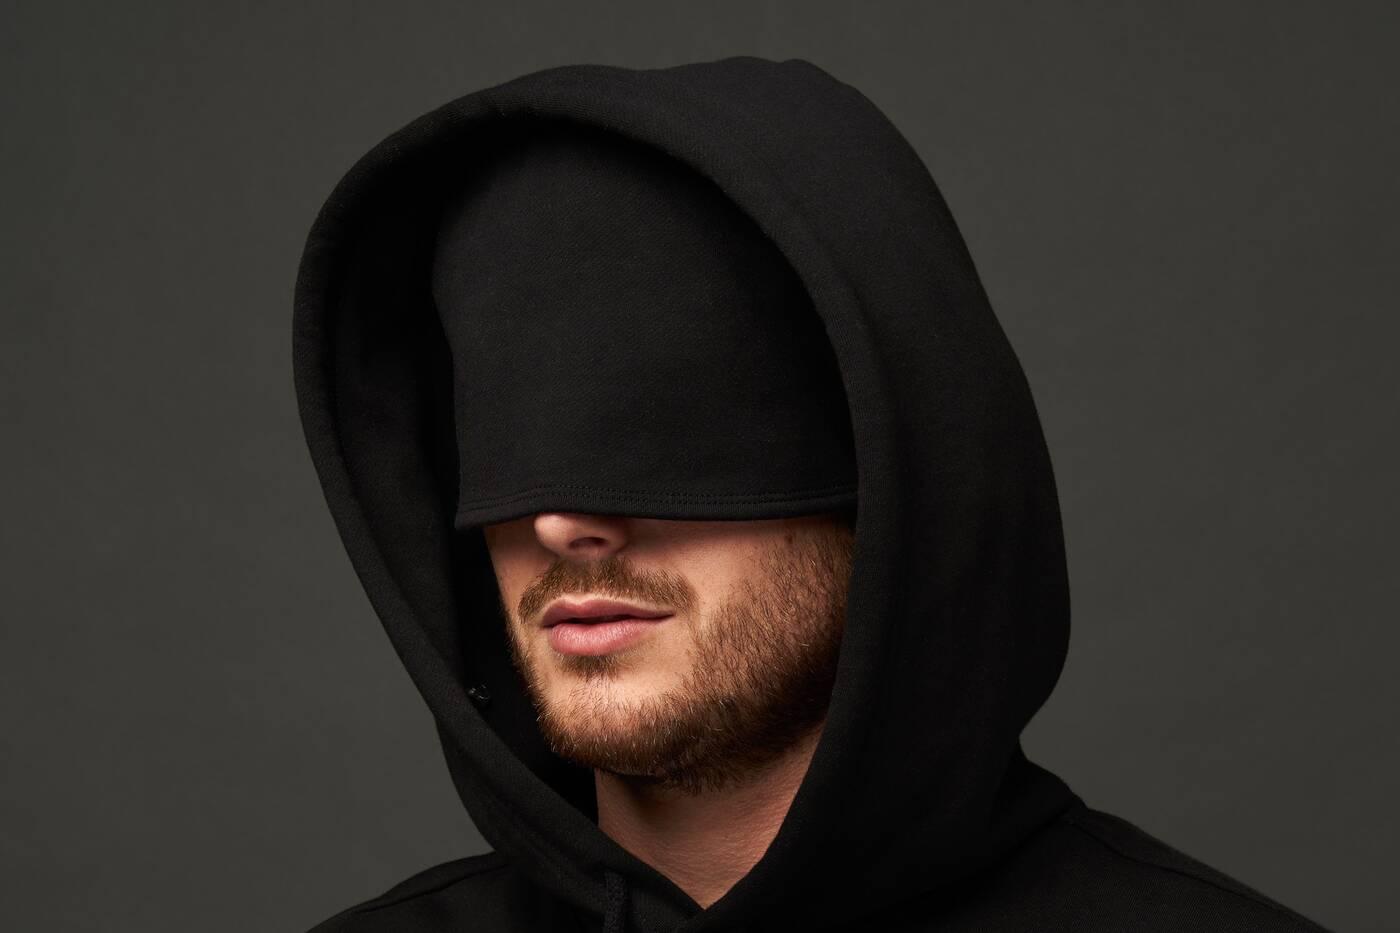 hyper mask hoodie